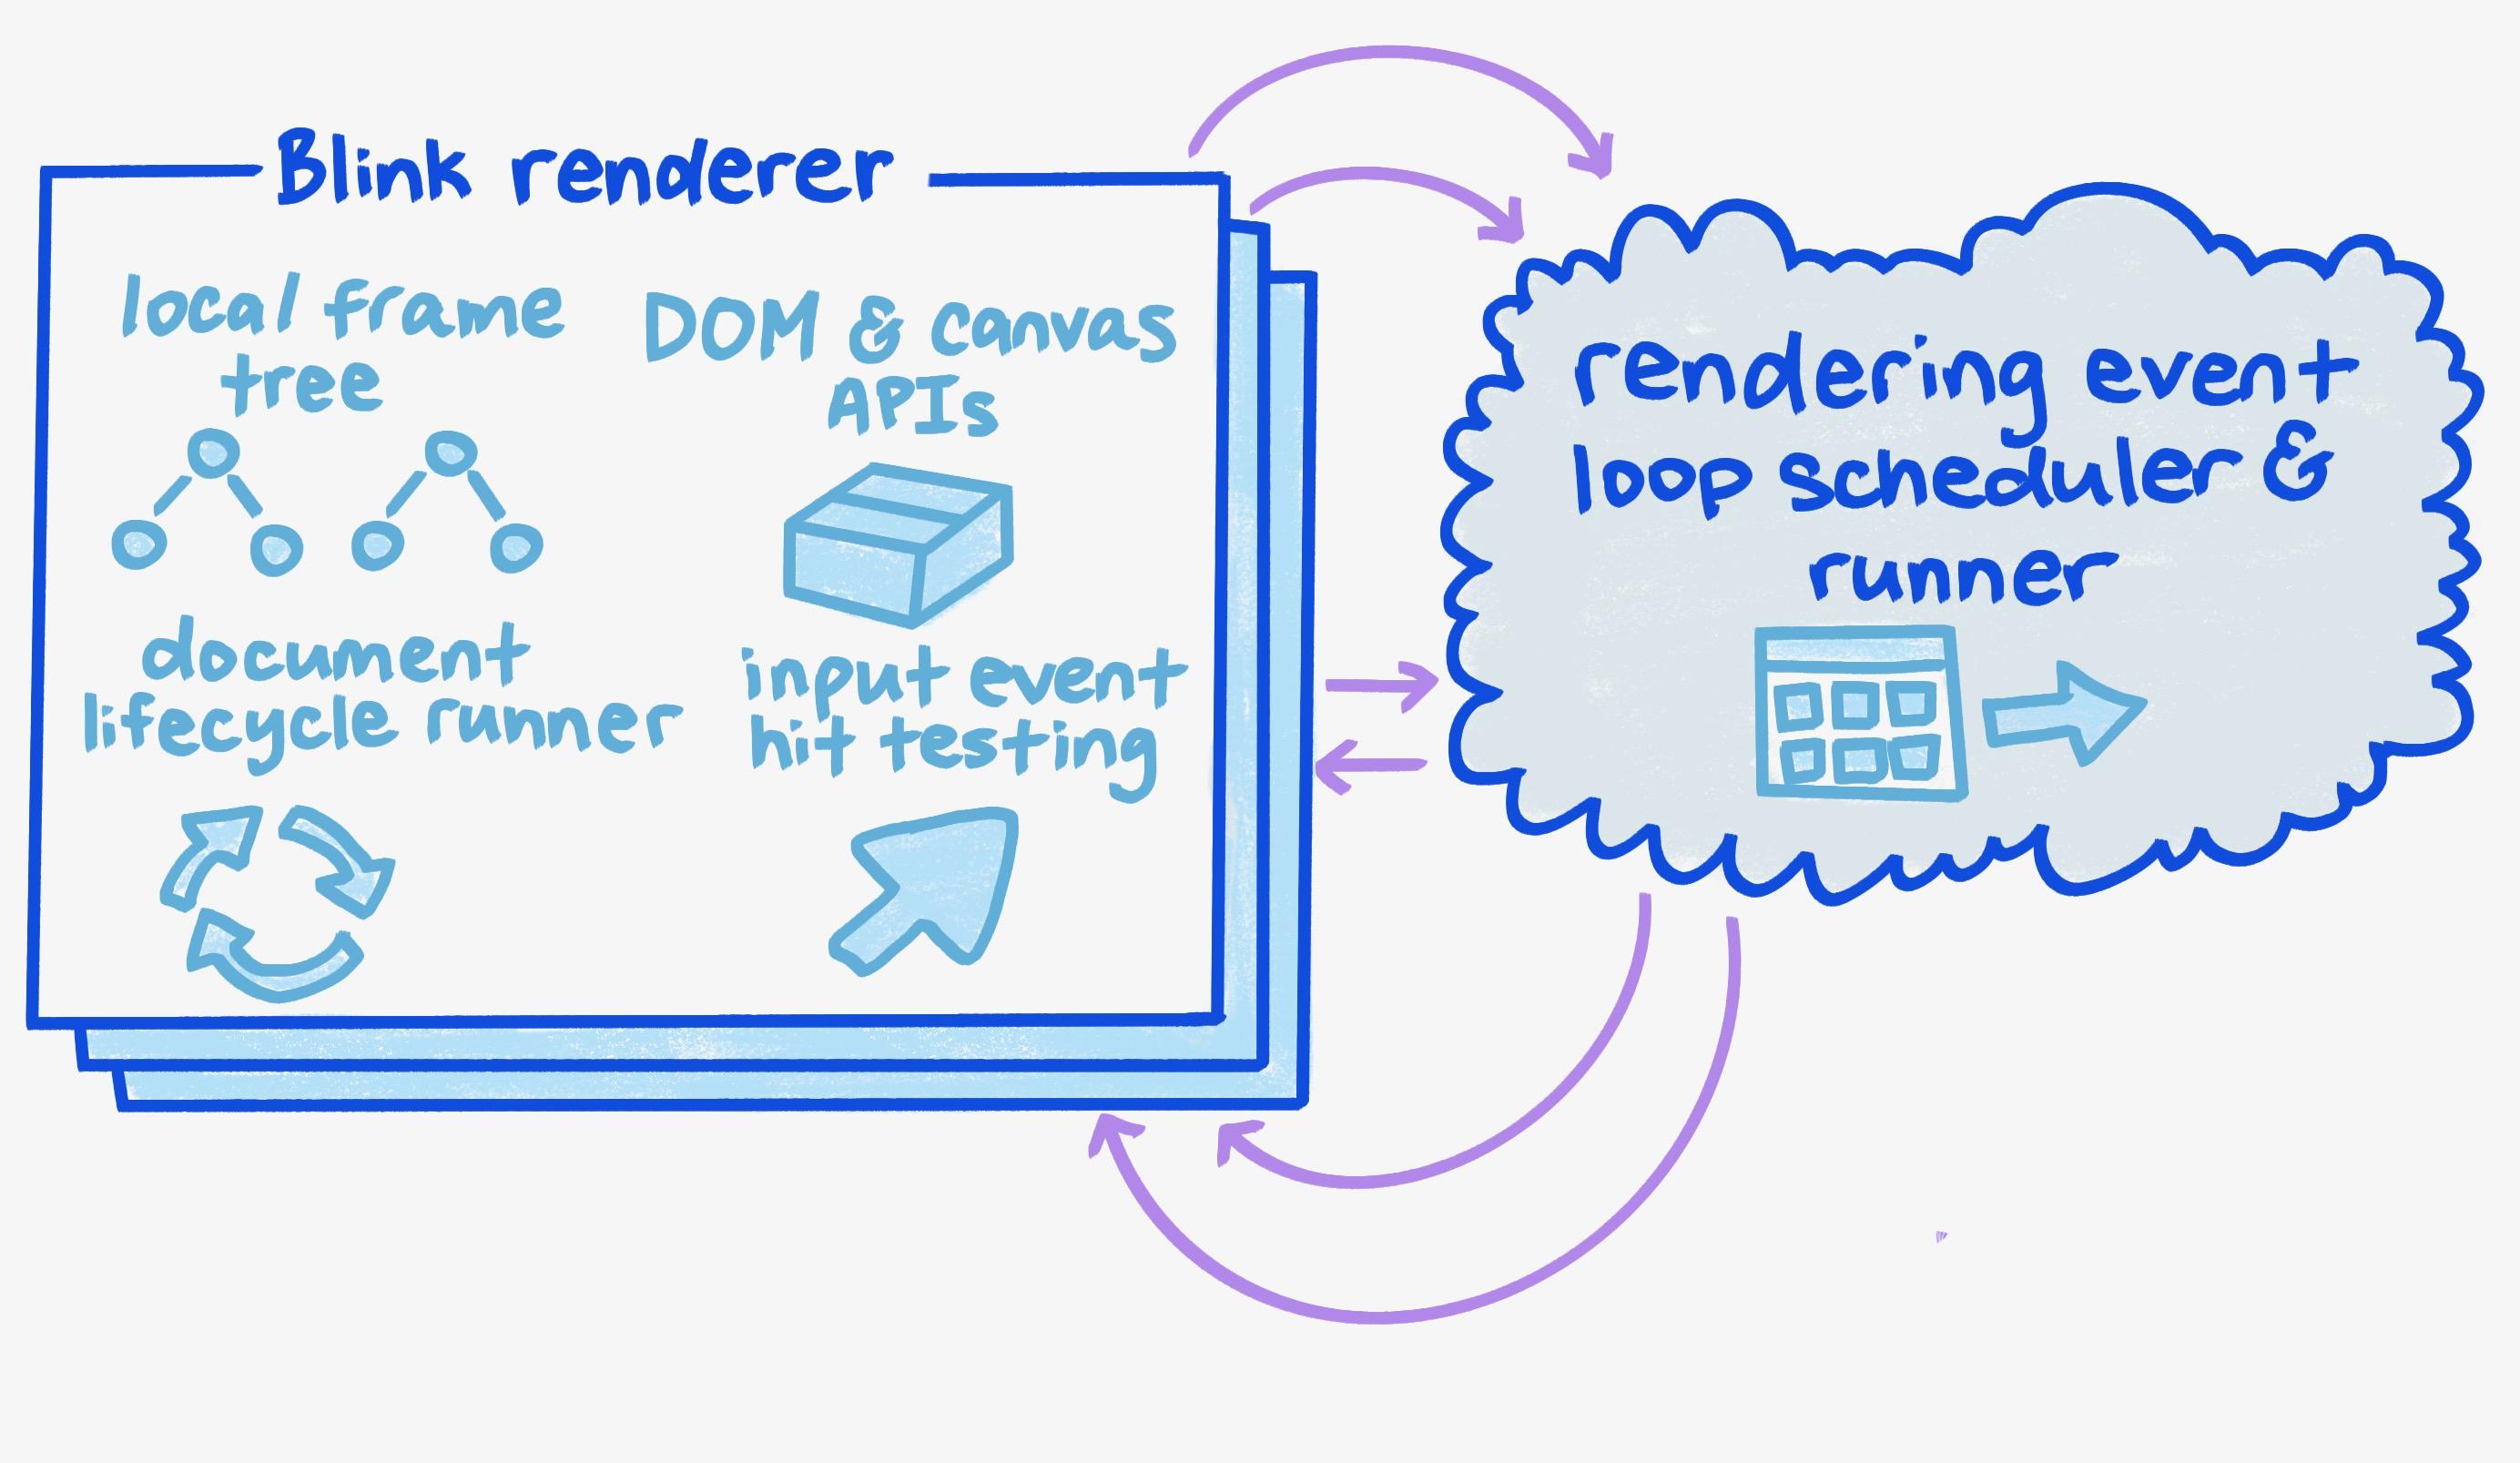 A diagram of the Blink renderer.